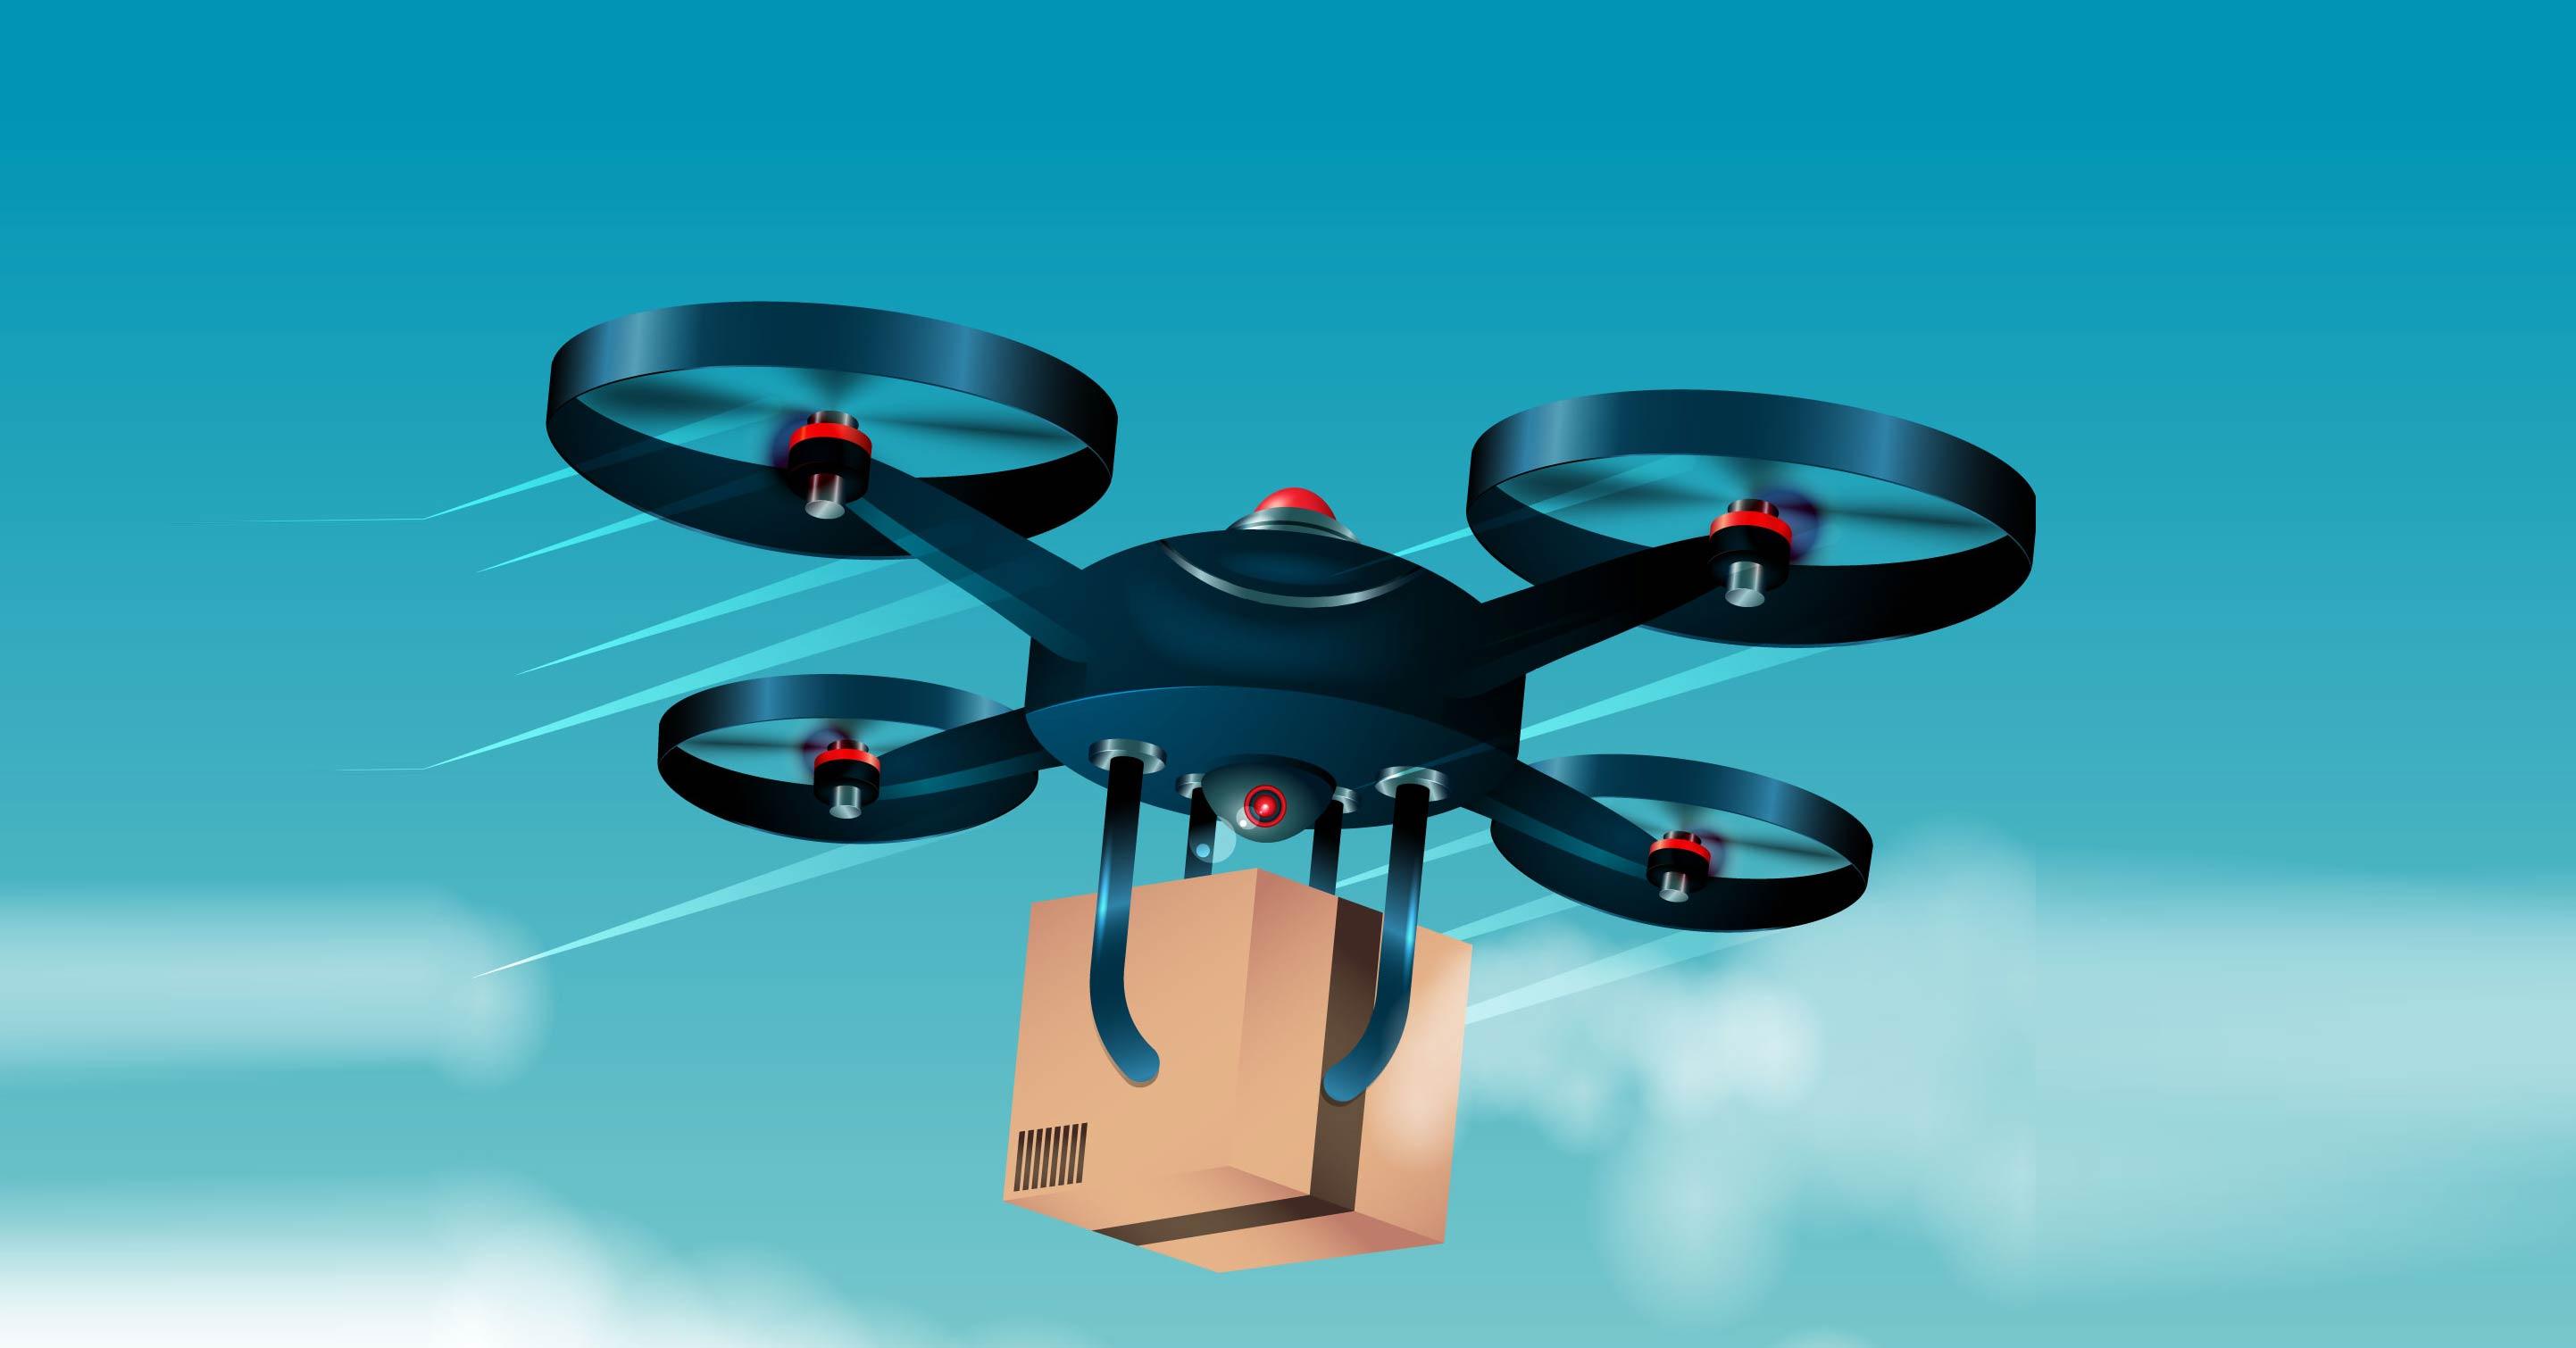 Drohne liefert Paket aus (Bild: freepik)